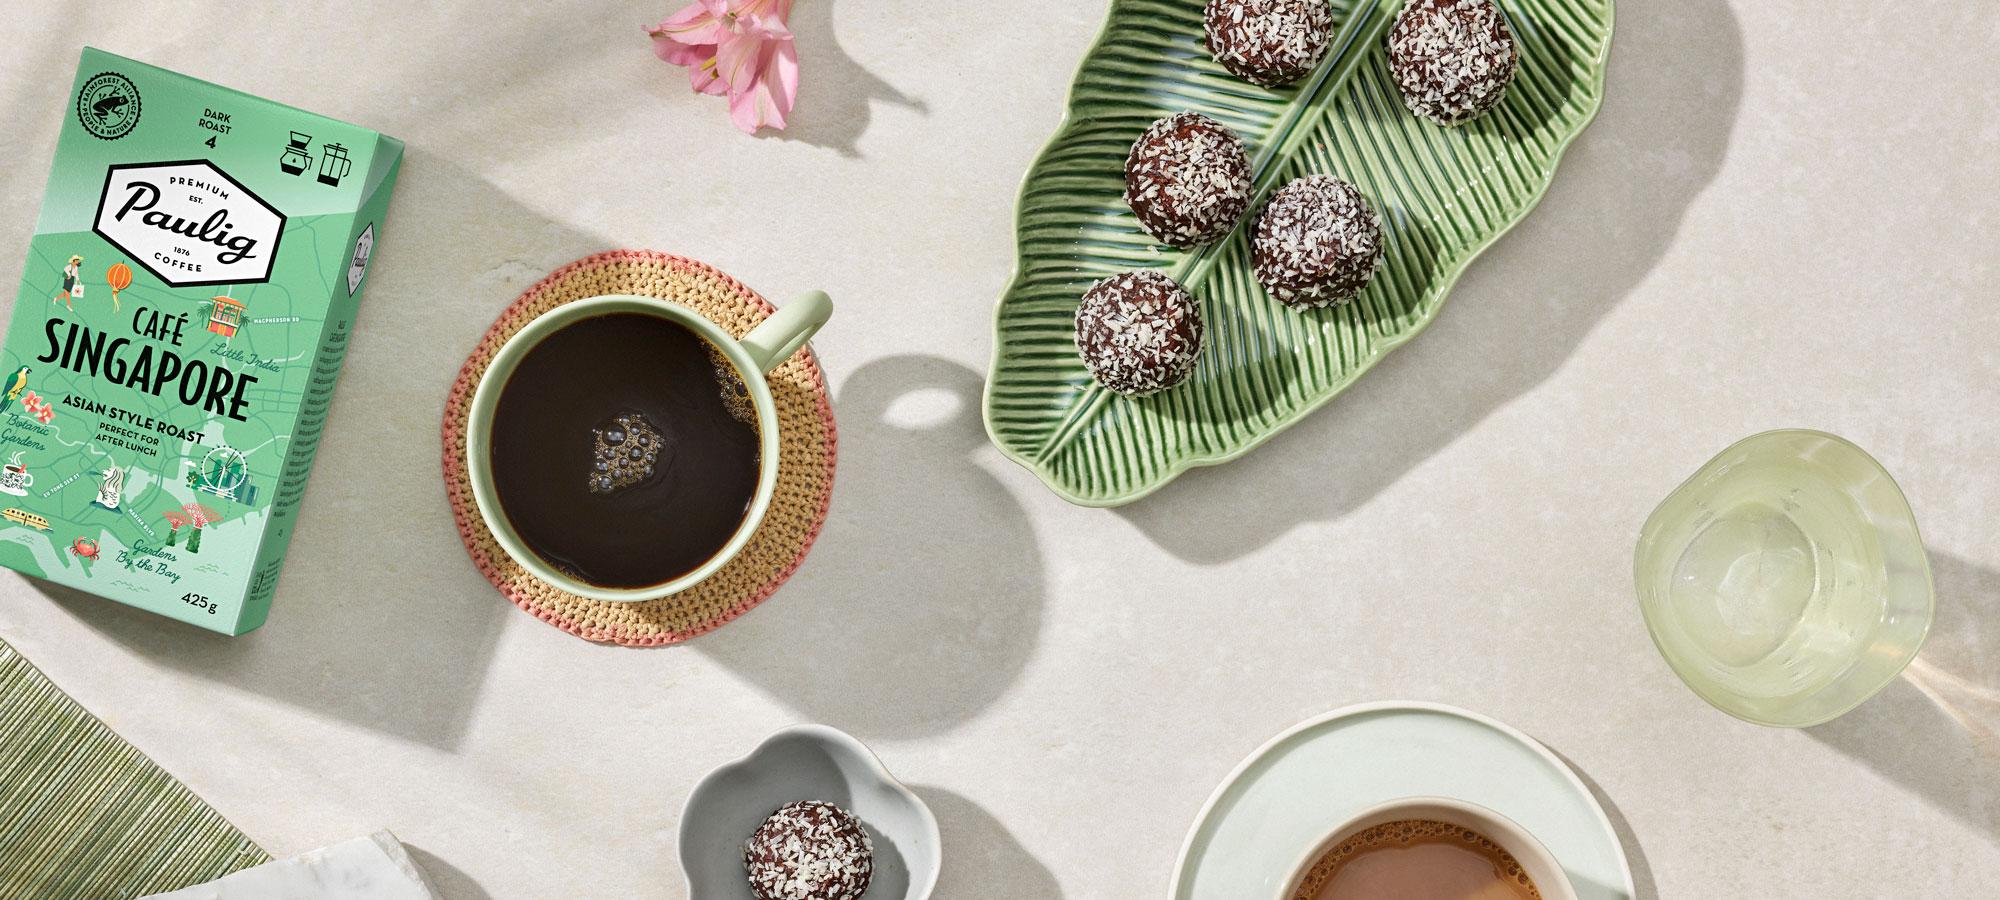 Café Singapore -kahvipakkaus ja kaakaoleivonnaisia pöydällä